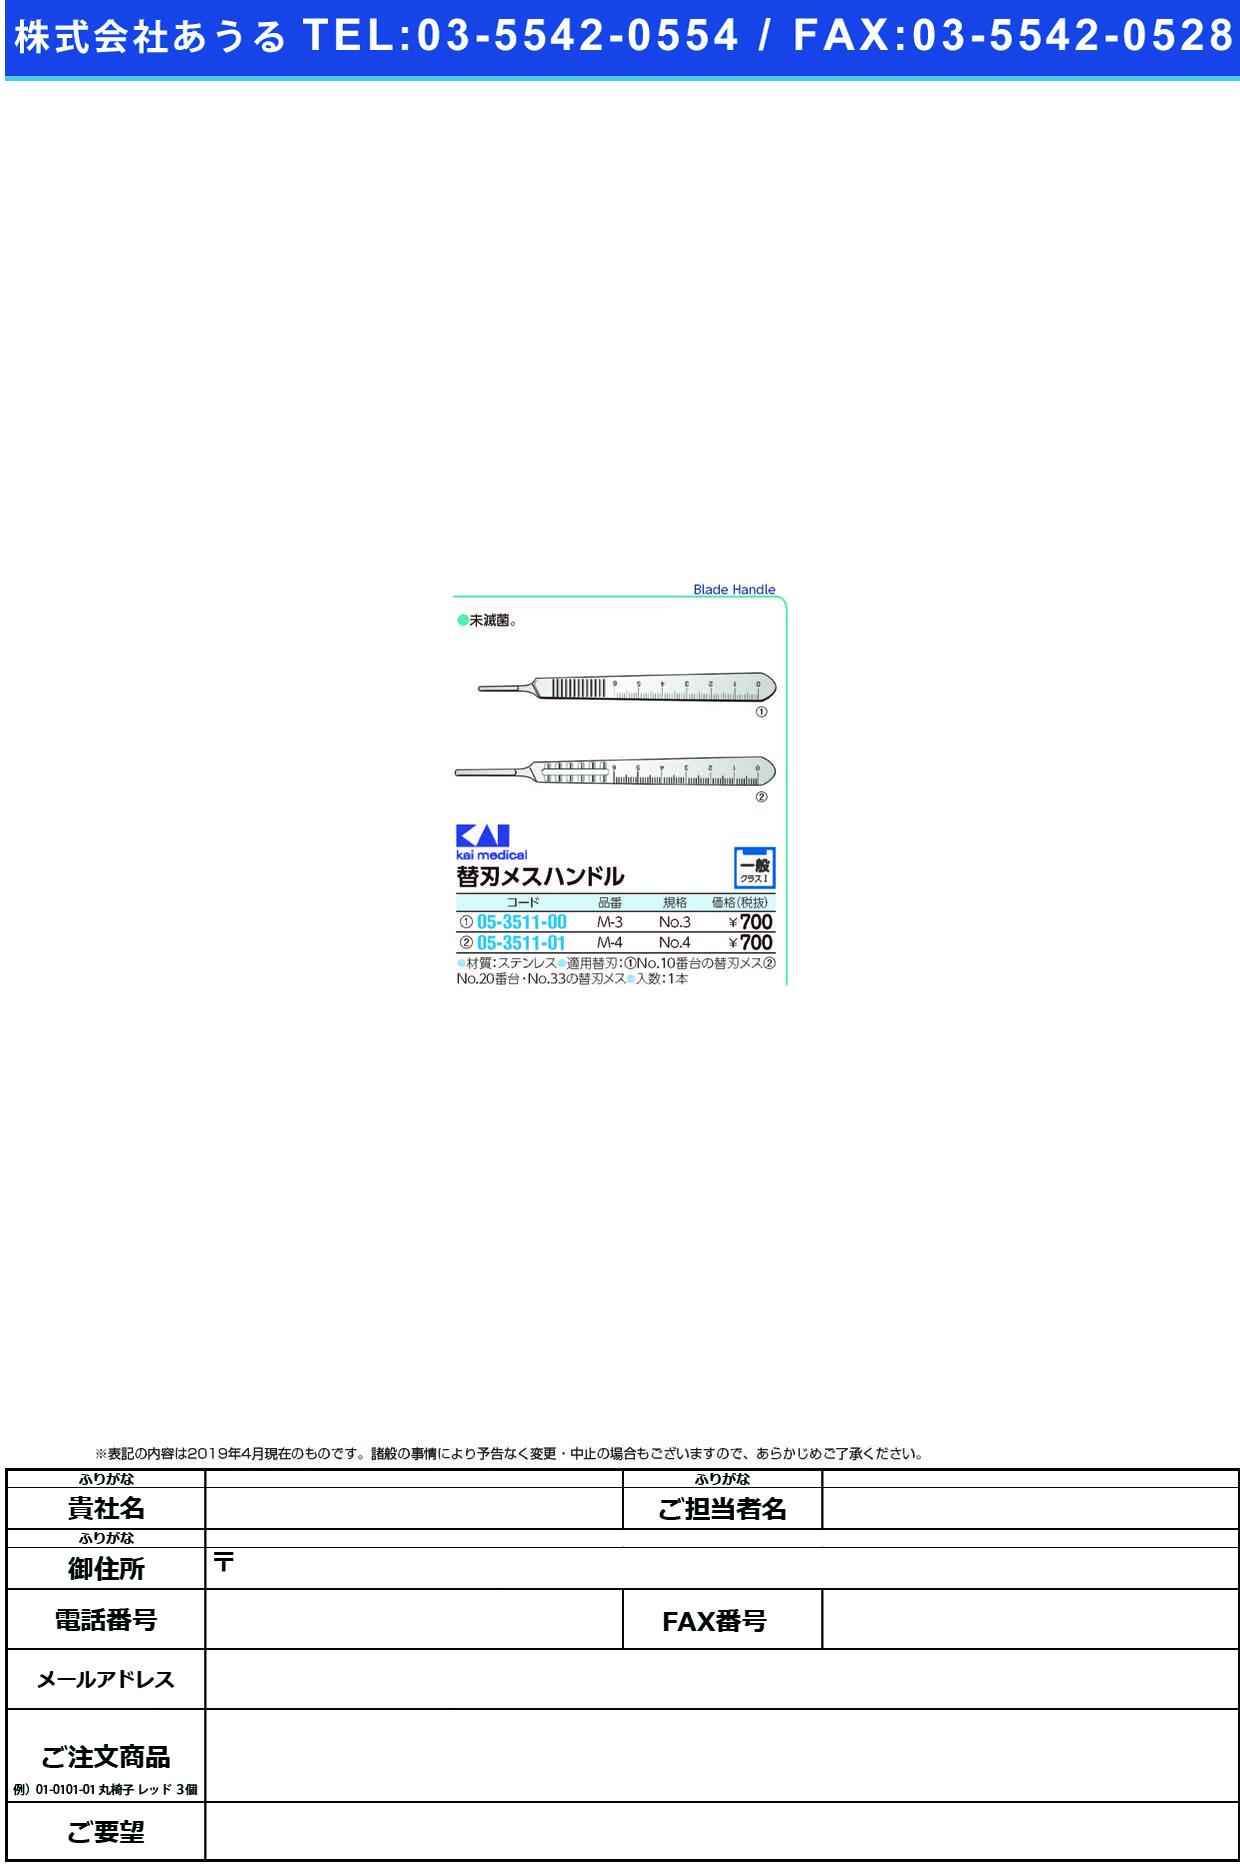 (05-3511-00)KAI替刃メスハンドル(ステンレス) M-3(NO.3) カエバメスハンドル(ステンレス)(カイインダストリーズ)【1本単位】【2019年カタログ商品】